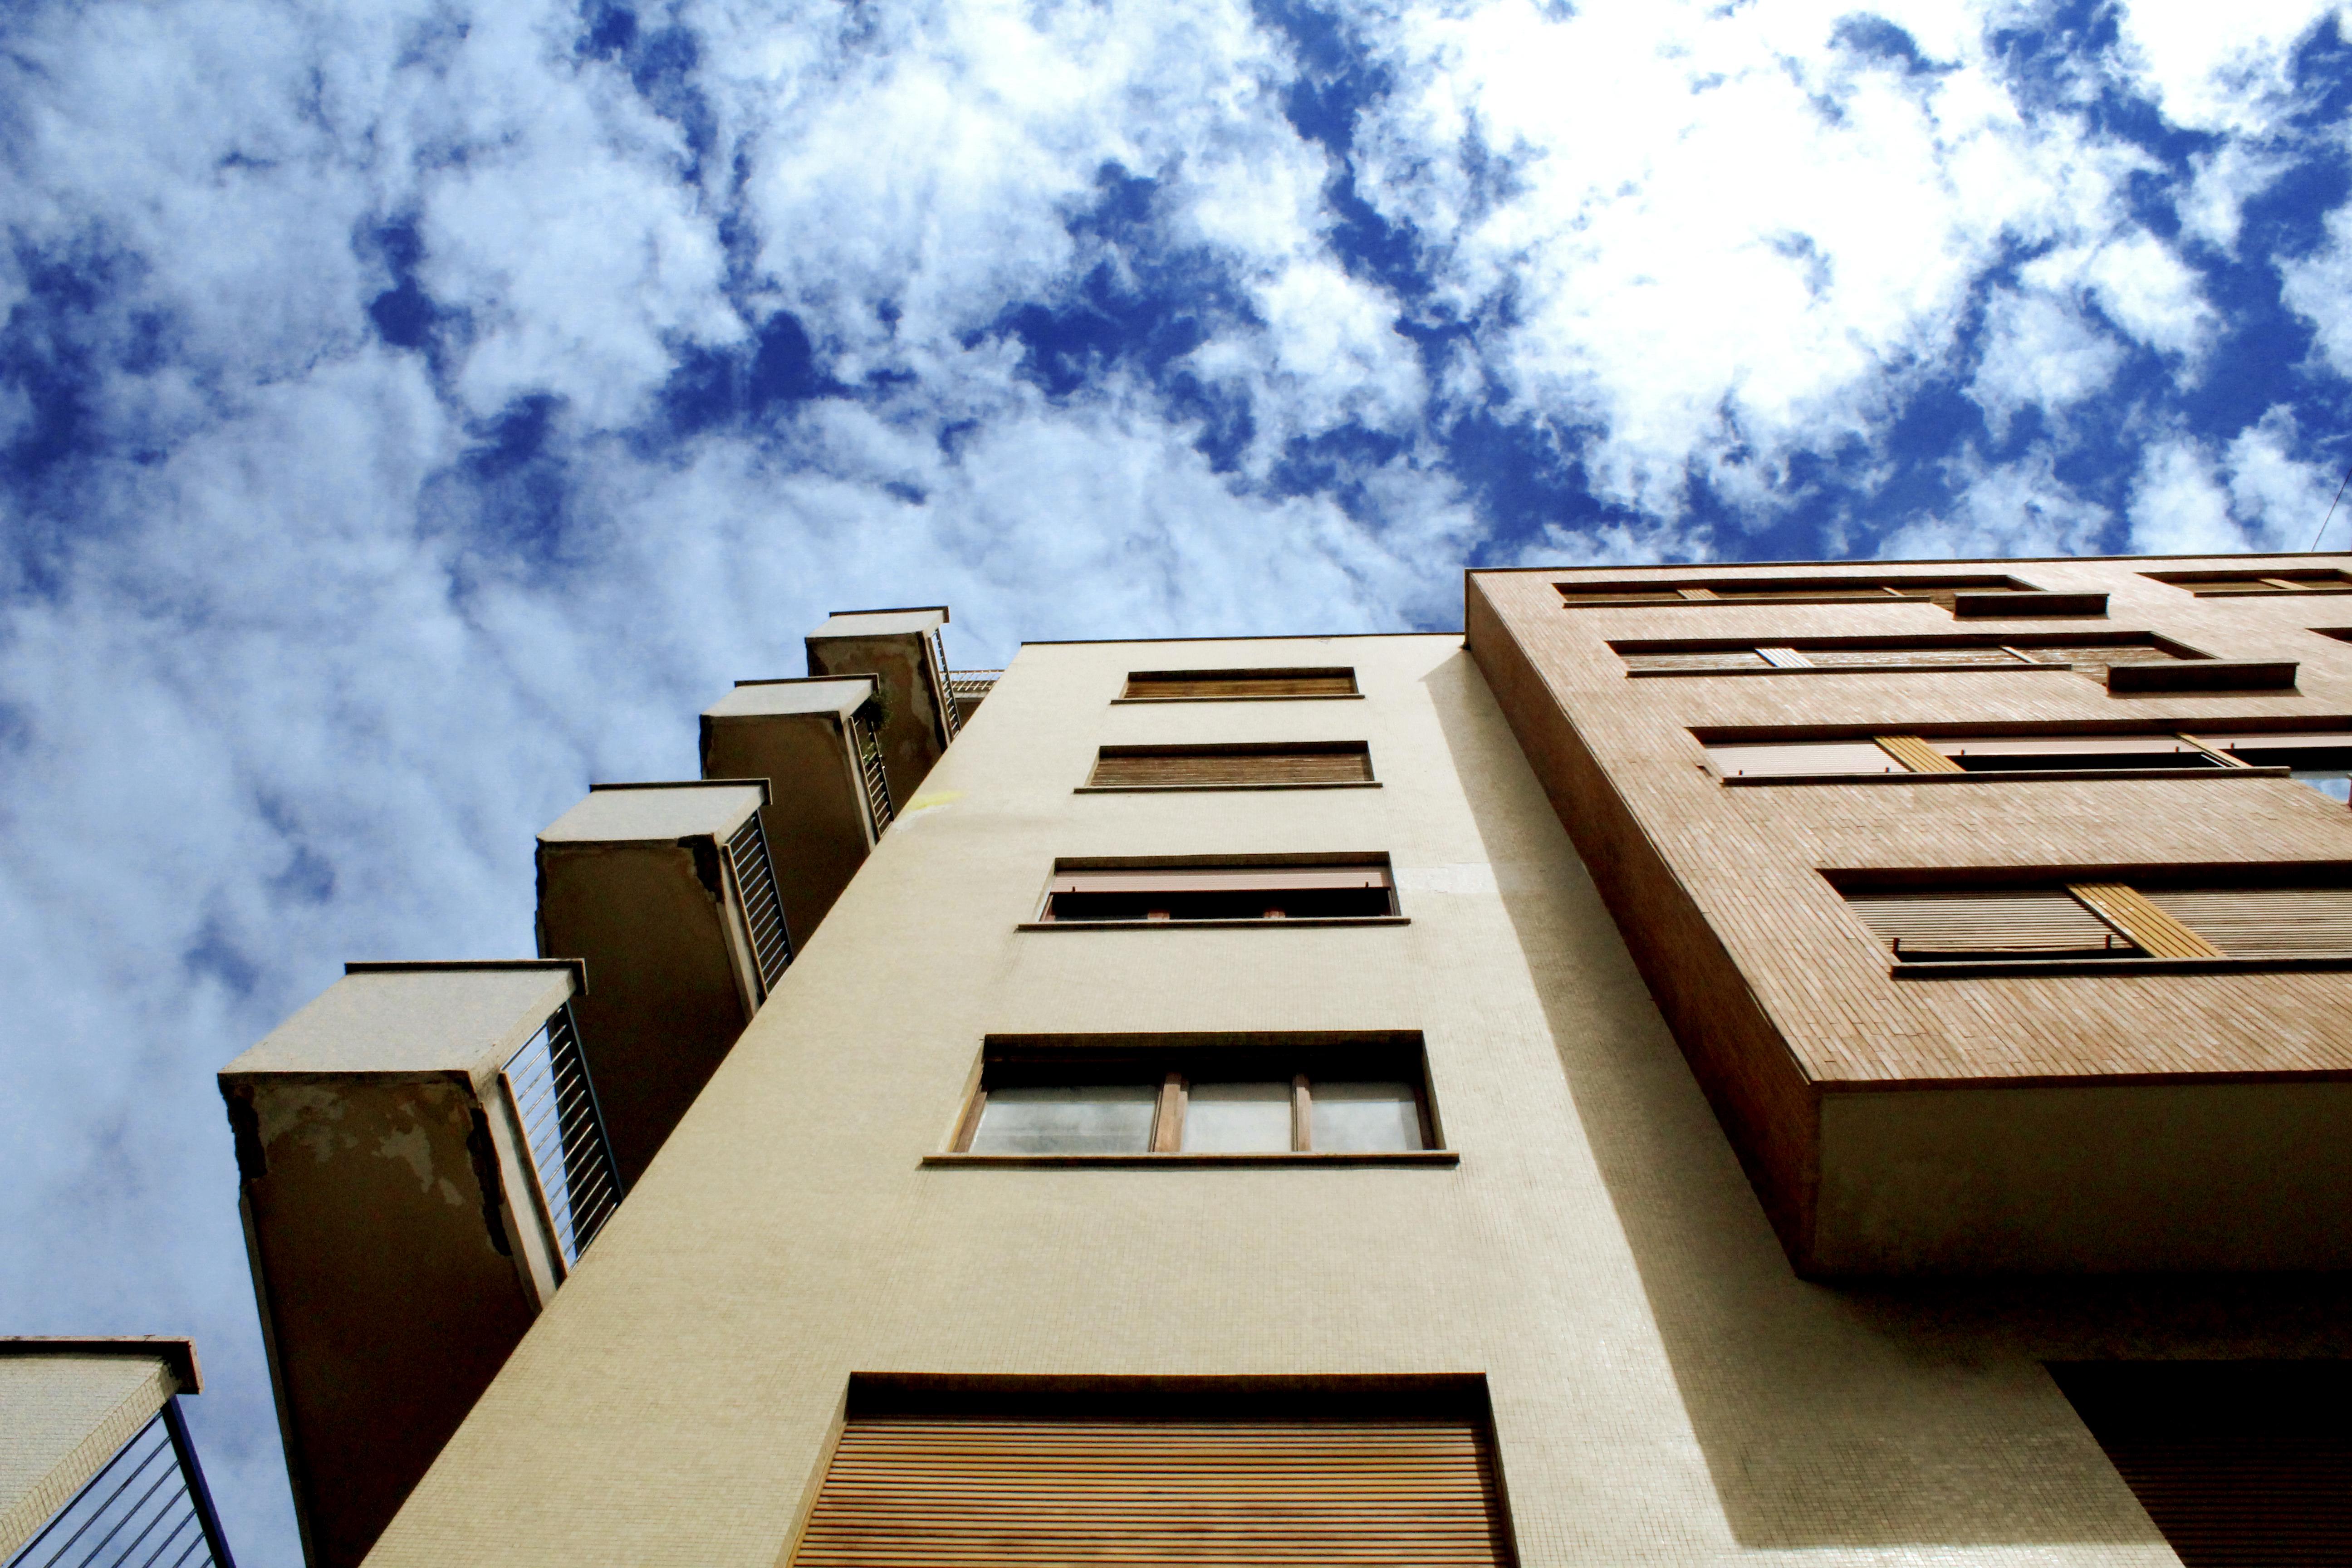 Venda de imóveis: aumento no 1º semestre no segmento residencial